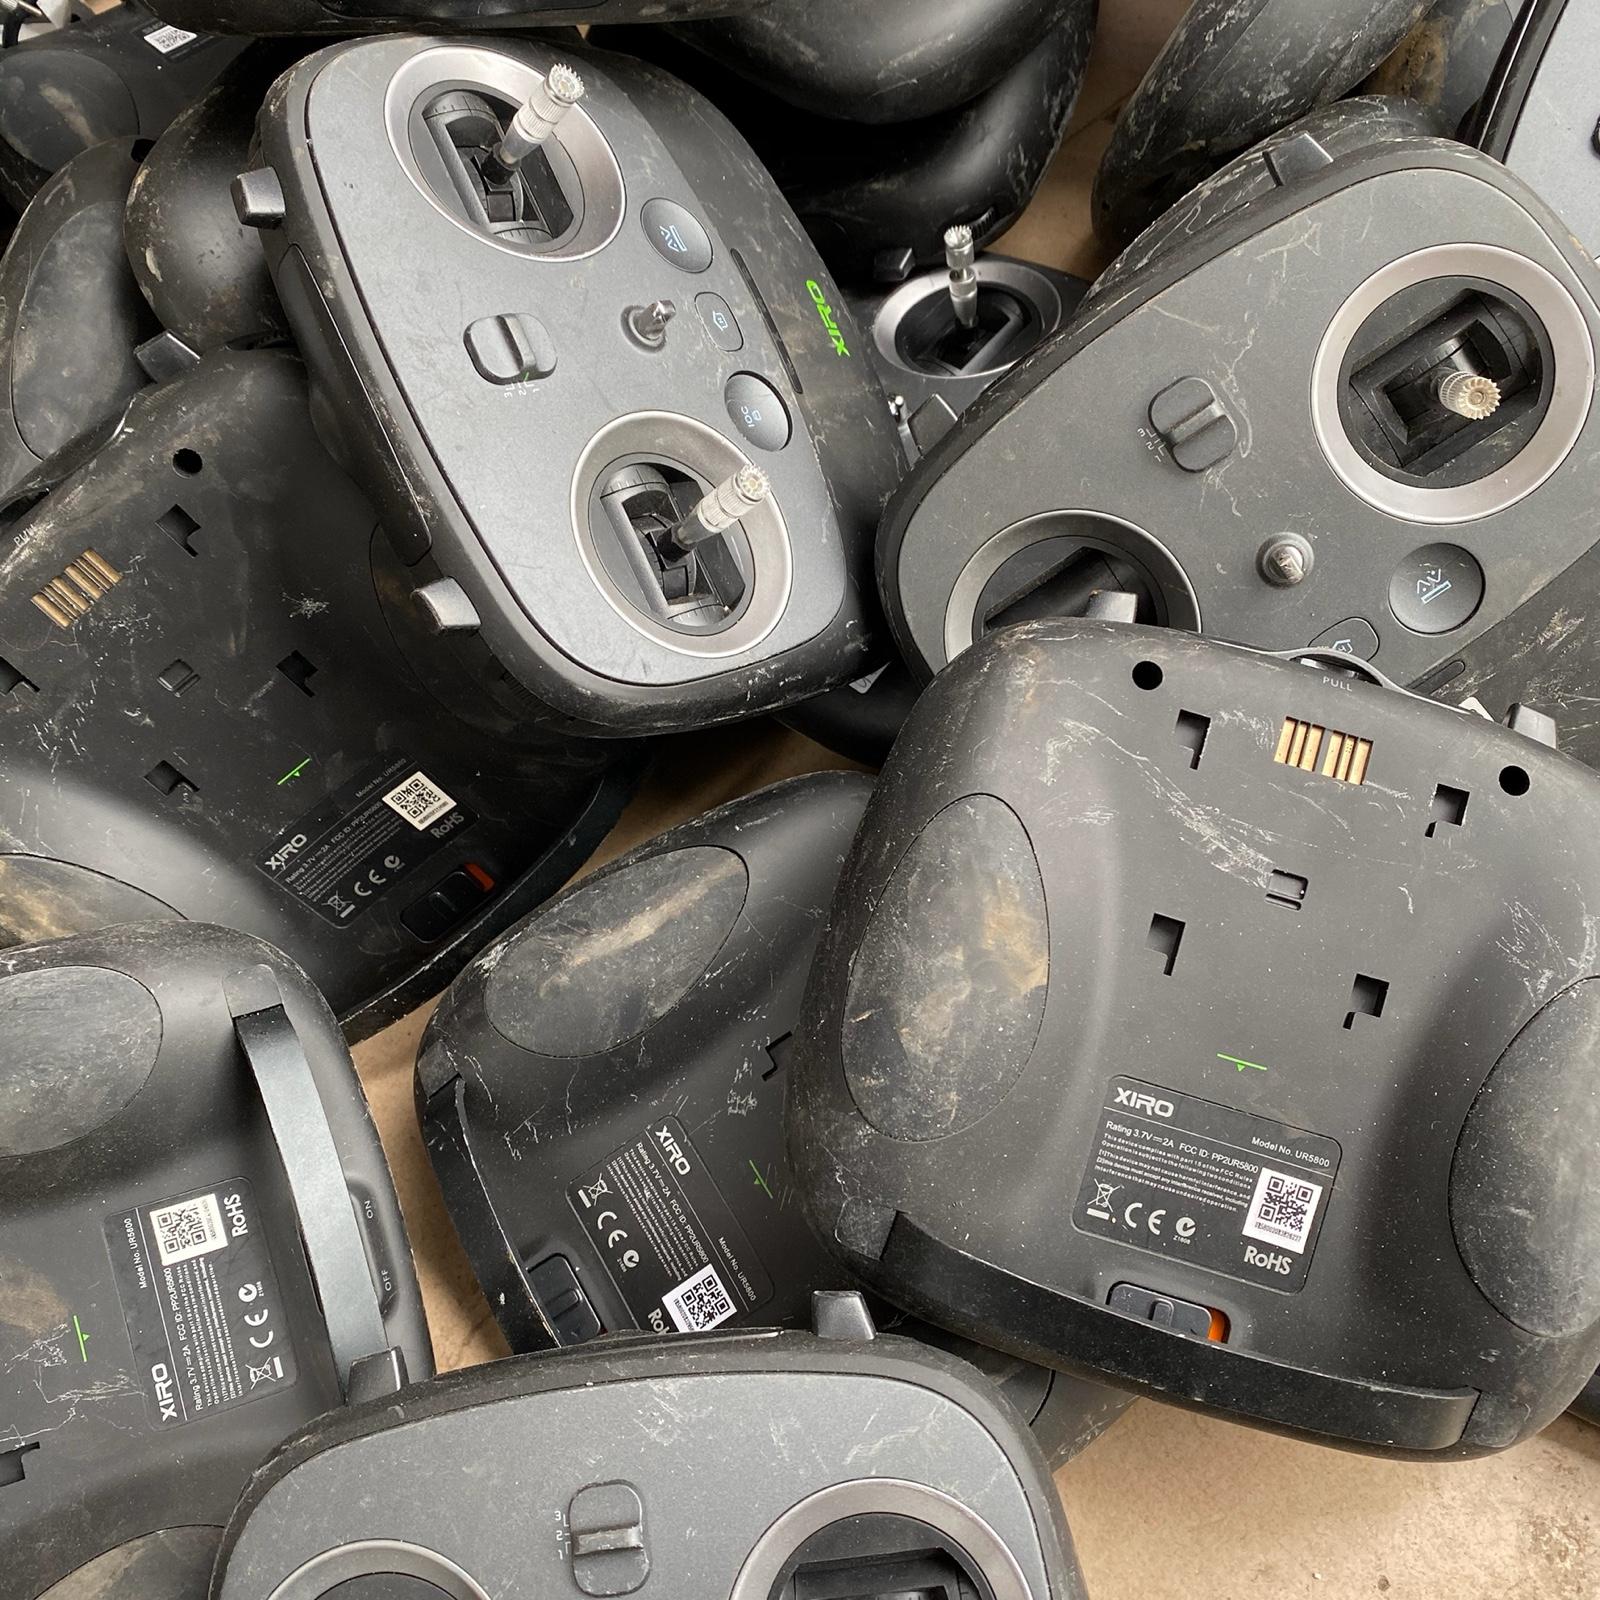 【航模遥控器】四轴无人机遥控器 带双轴承摇杯 主板 电池 研究品 零度智能飞行器XIRO遥控器不包好坏价格低至25元